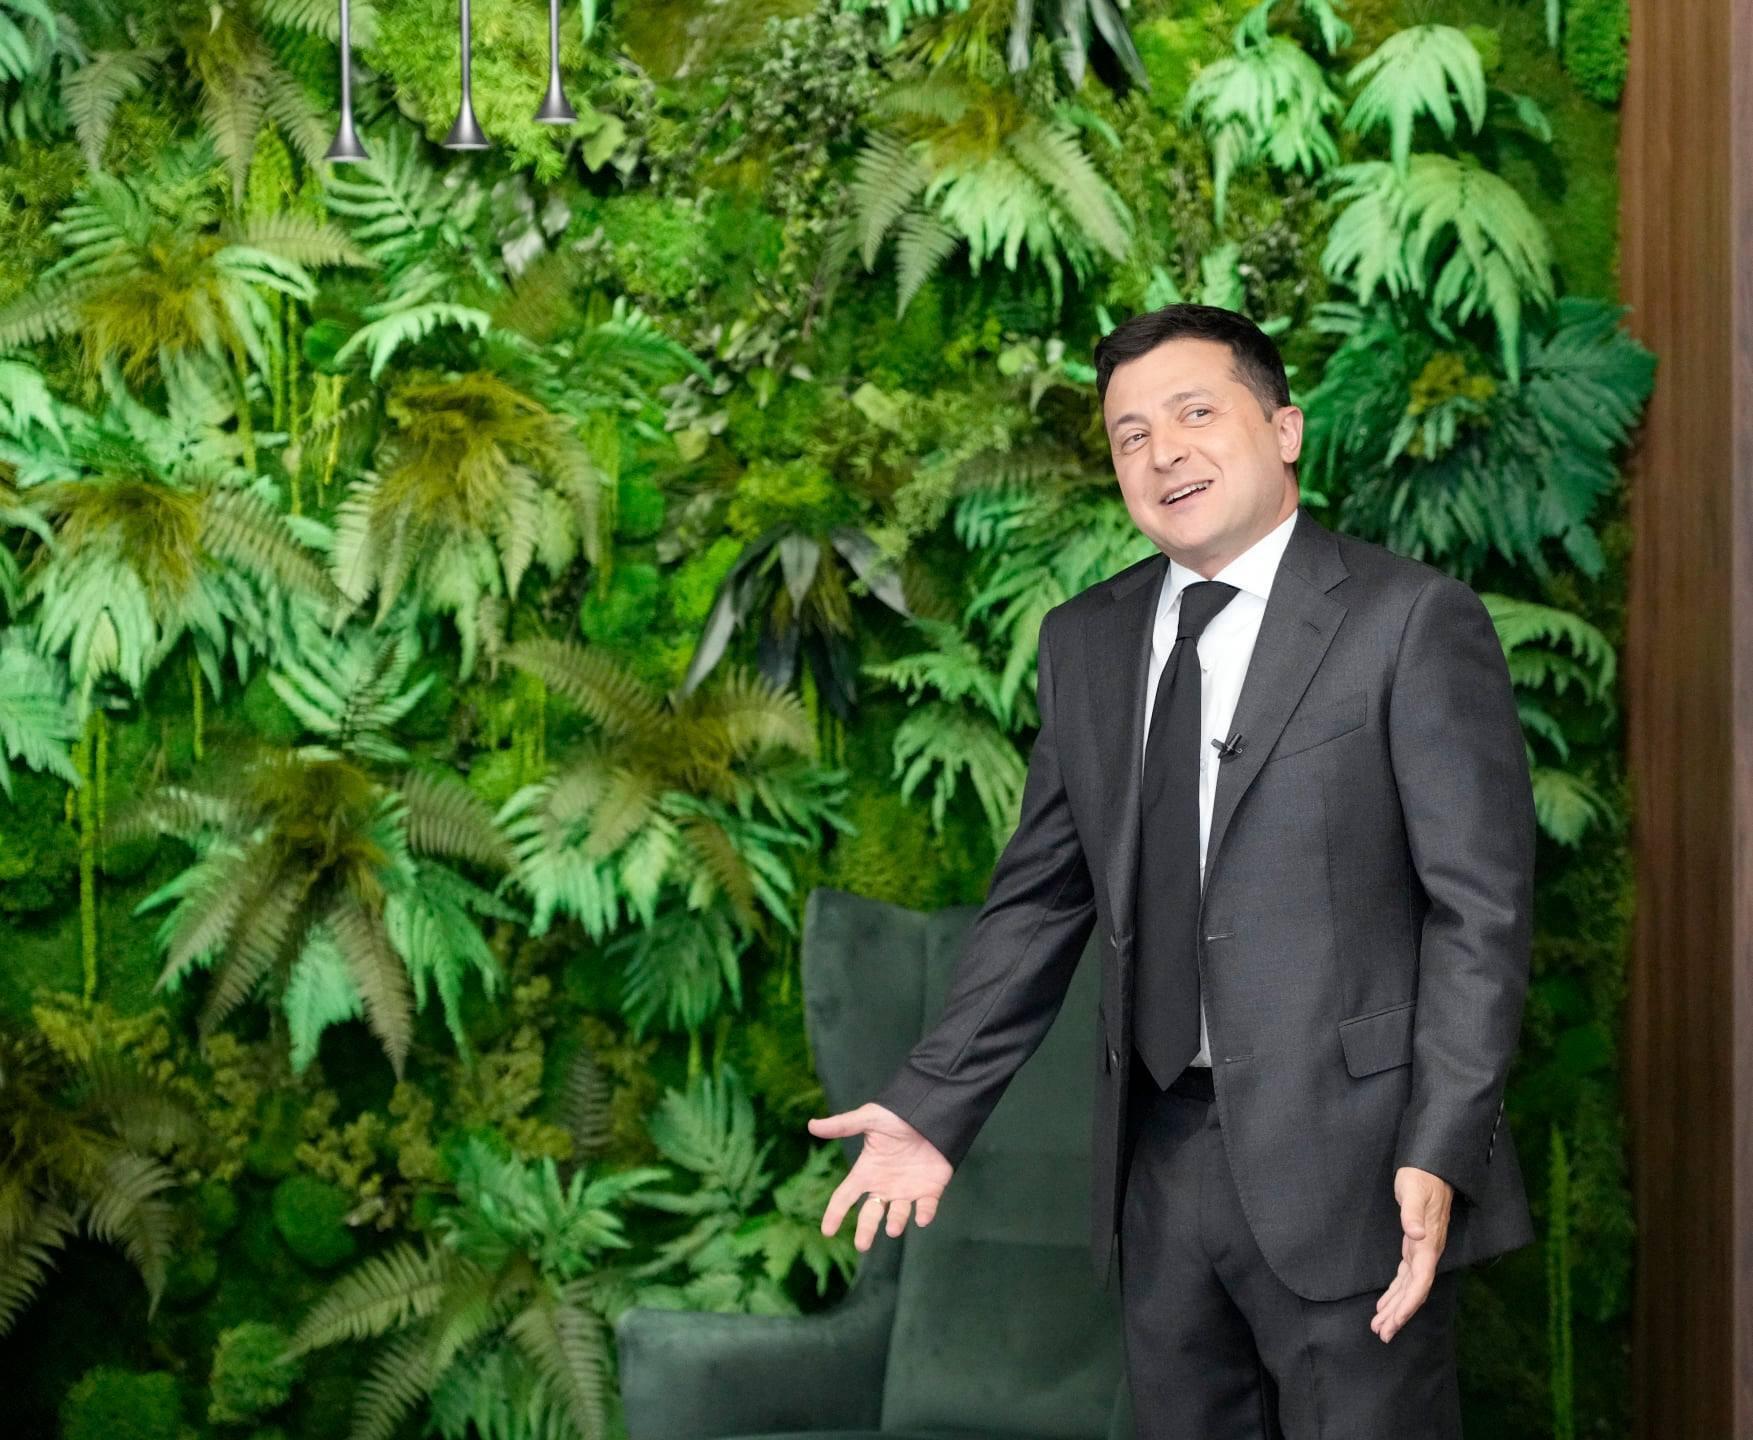 Зеленский в новом кабинете на Банковой.